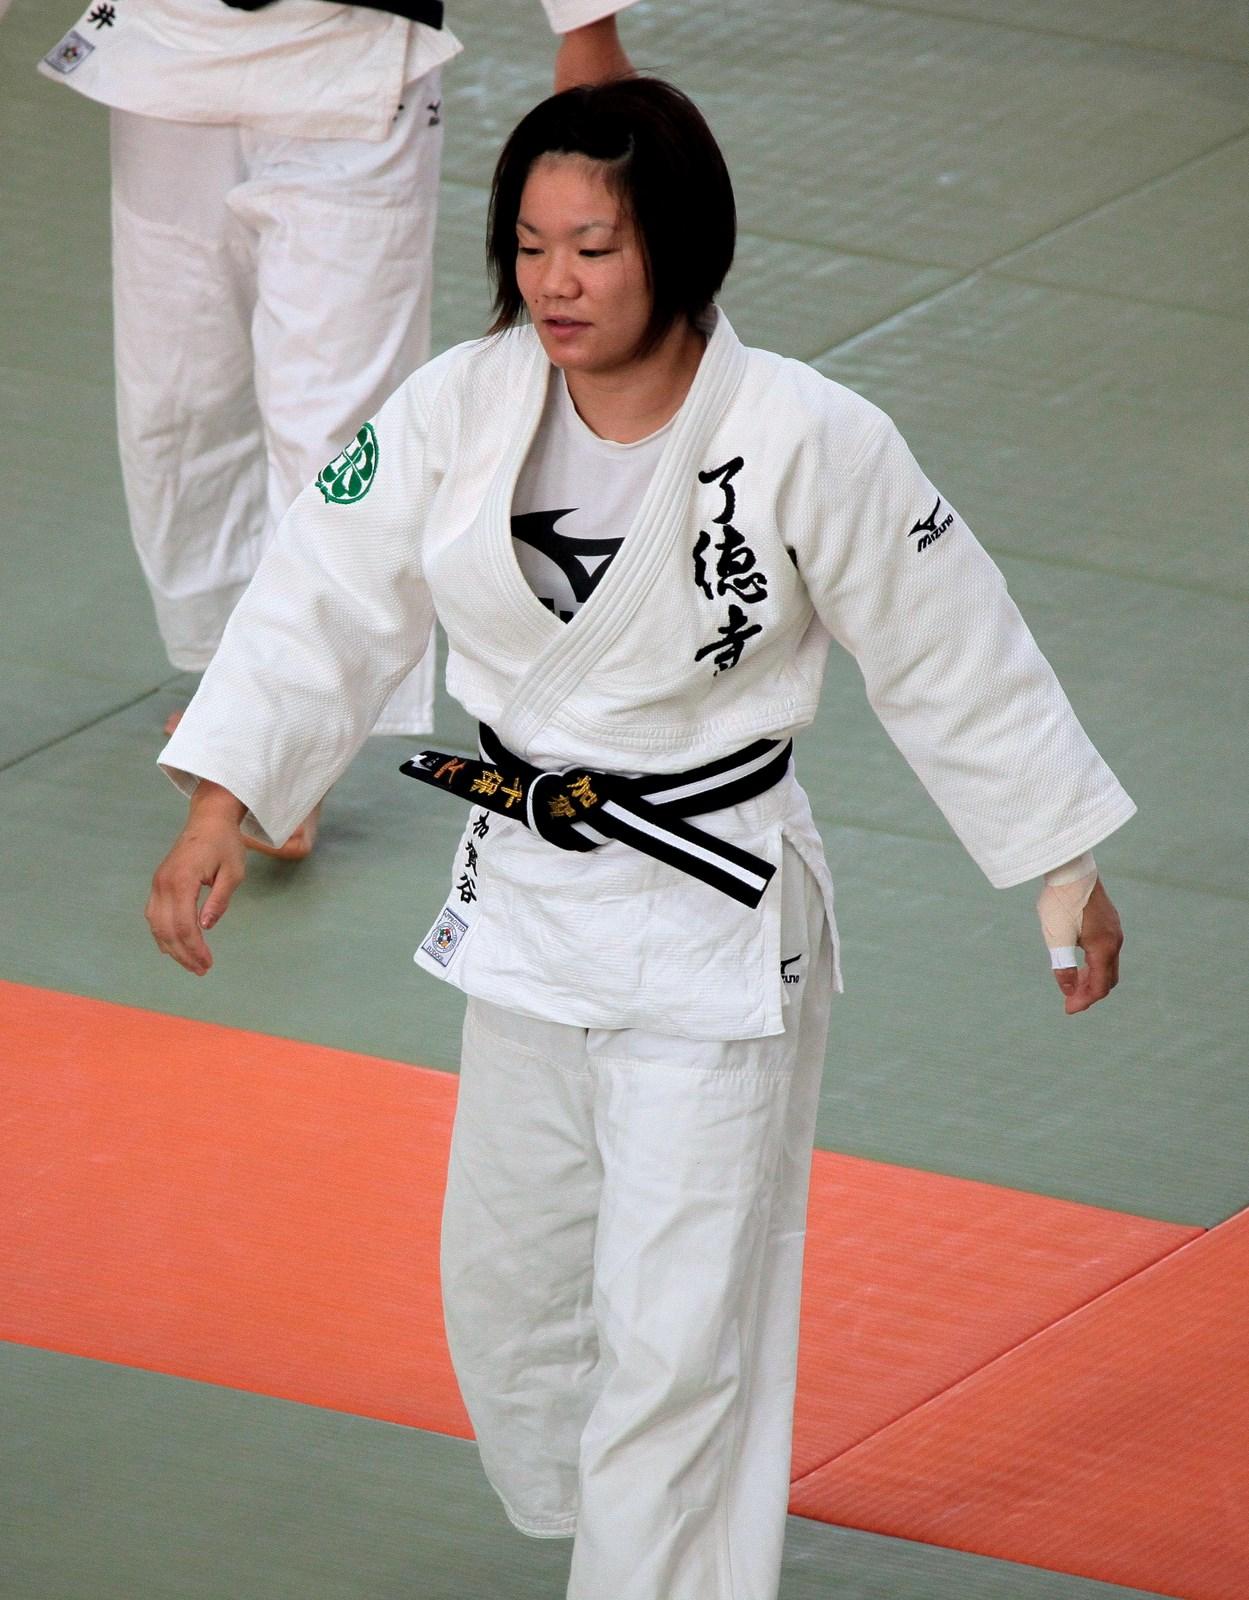 2ba7287daeb4 judokette ceinture noire judo Jigorō Kanō Tokyo Japon